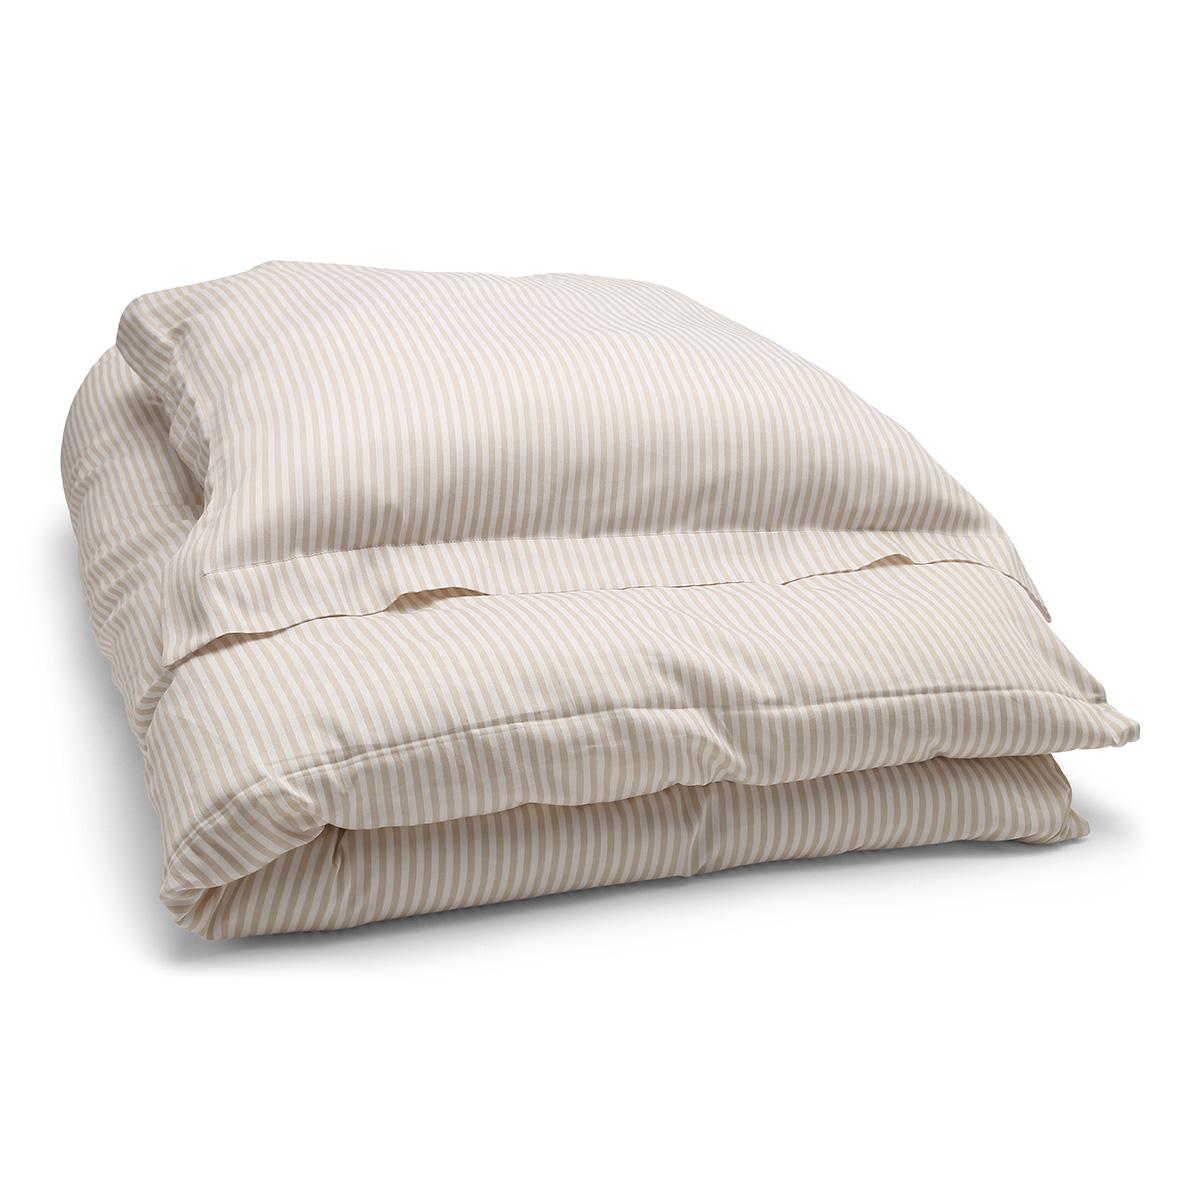 Image of   Änglamark sengetøj - Beige og hvide striber